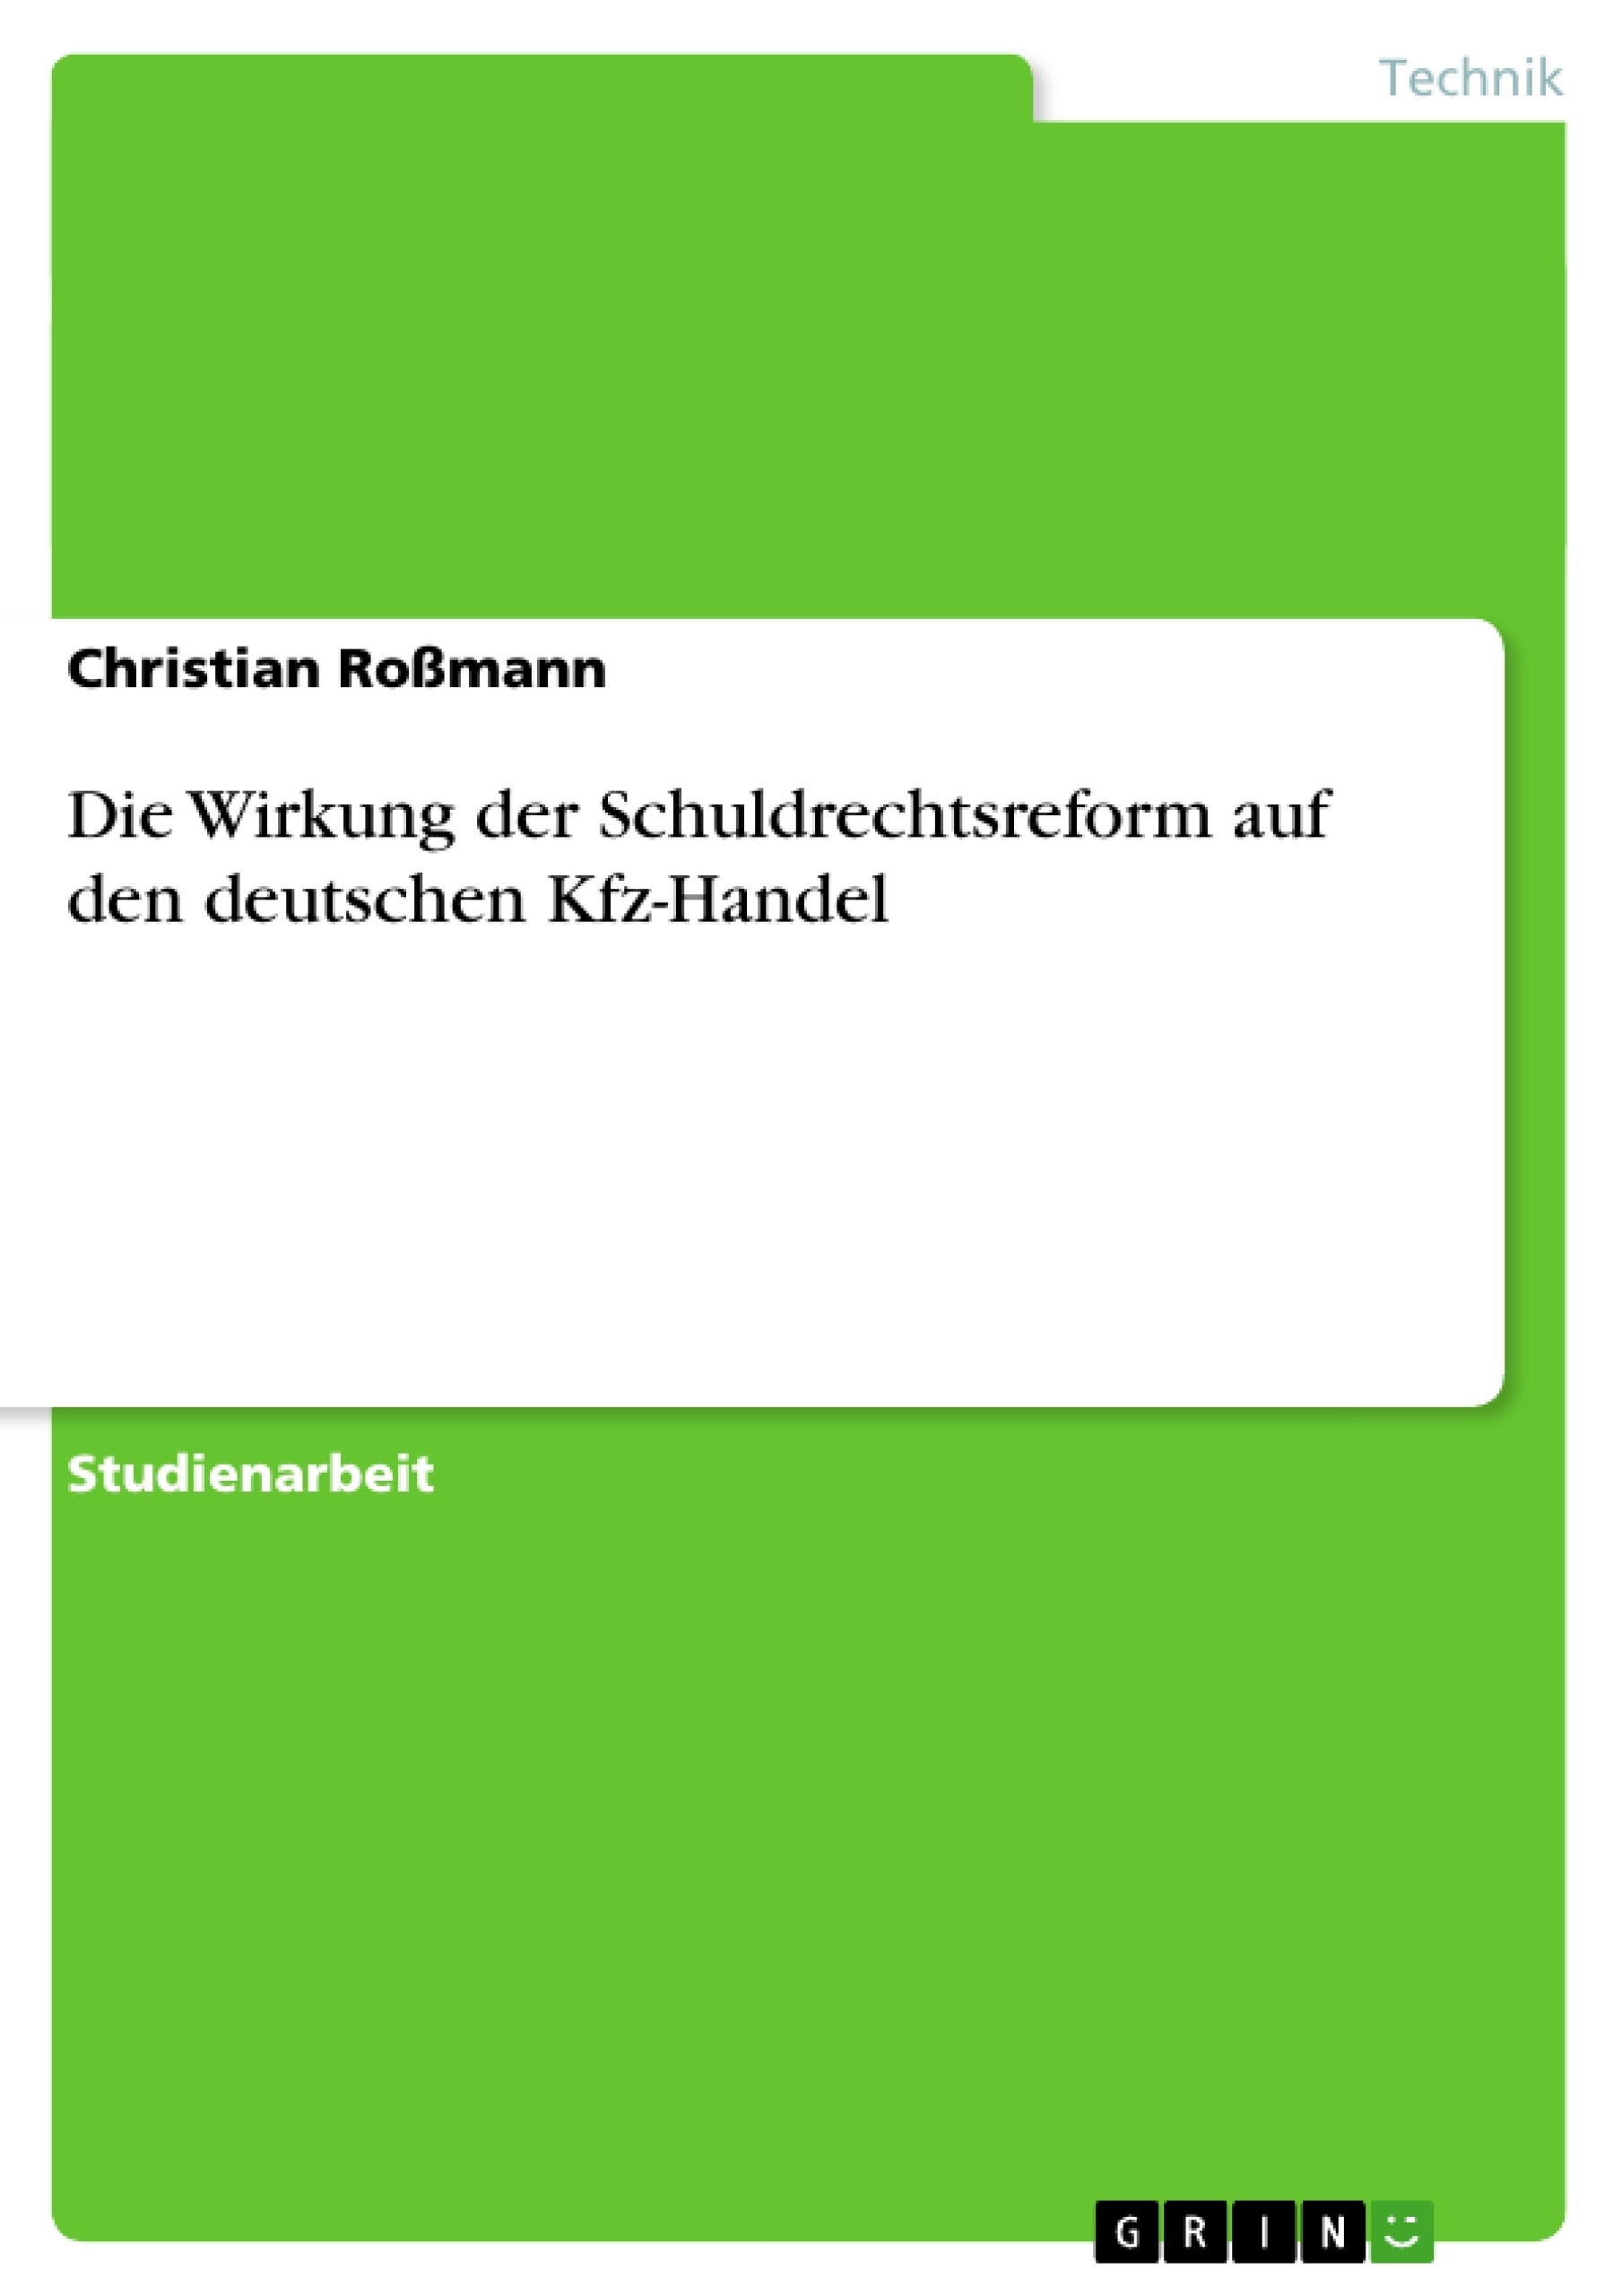 Titel: Die Wirkung der Schuldrechtsreform auf den deutschen Kfz-Handel